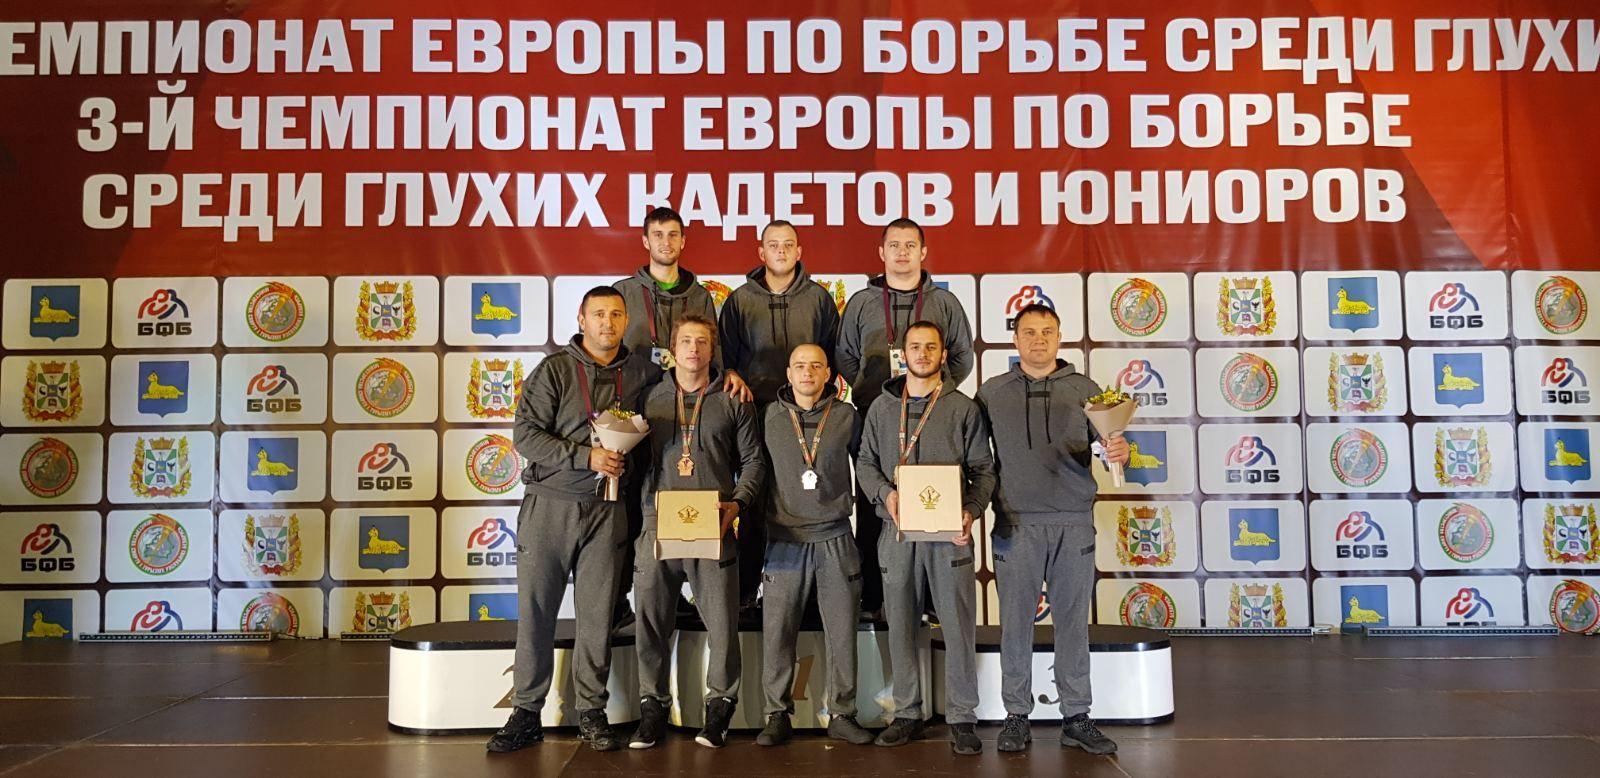 България с три медала от европейското по борба